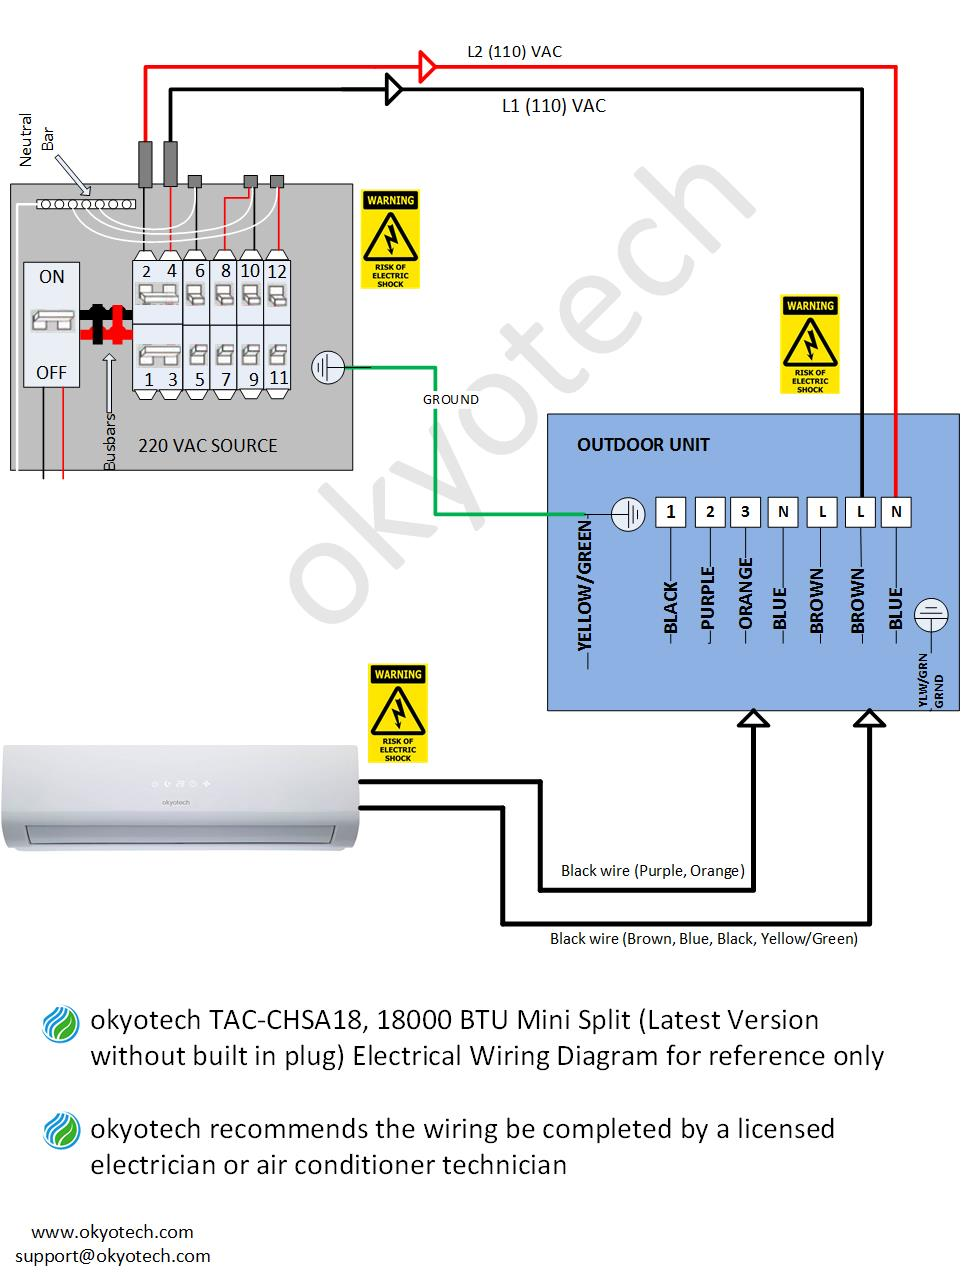 5303e7_f733dc2404a644f8886bff8f6c54d1c3~mv2 110 volt wiring diagrams roslonek net,Wiring Diagram For Air Con Mini Splits